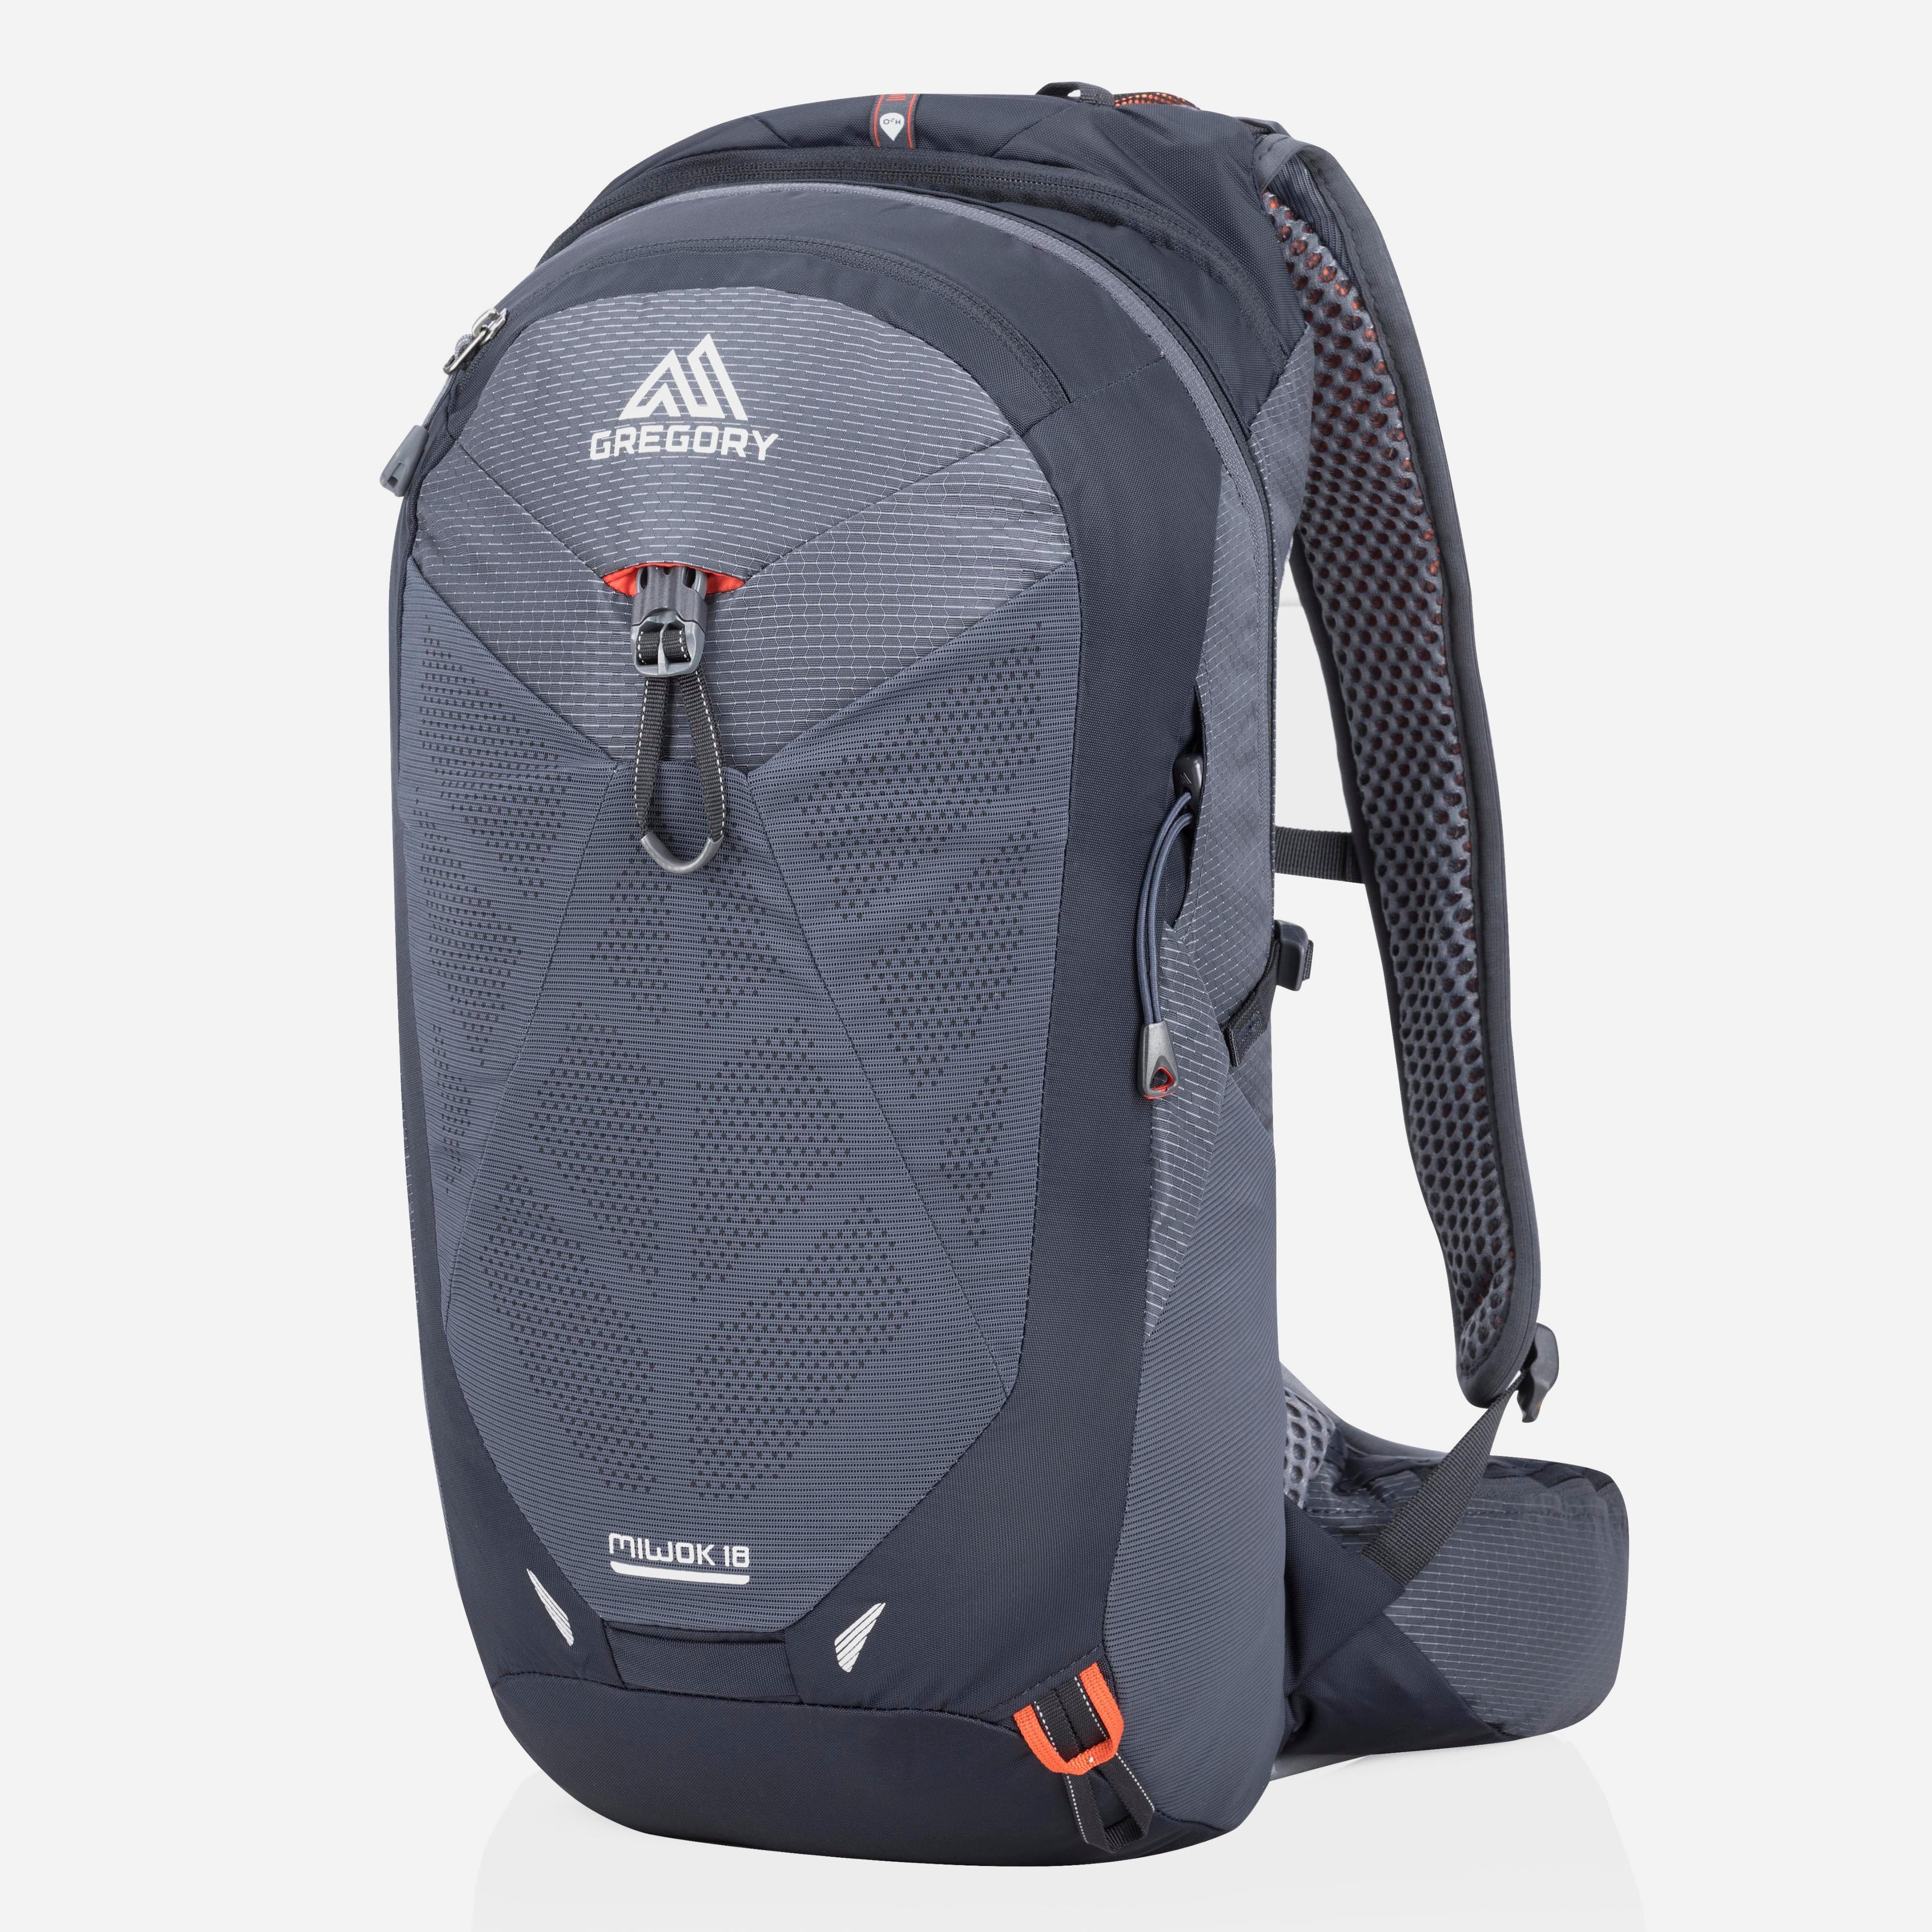 Gregory Miwok 18L Backpack, Black